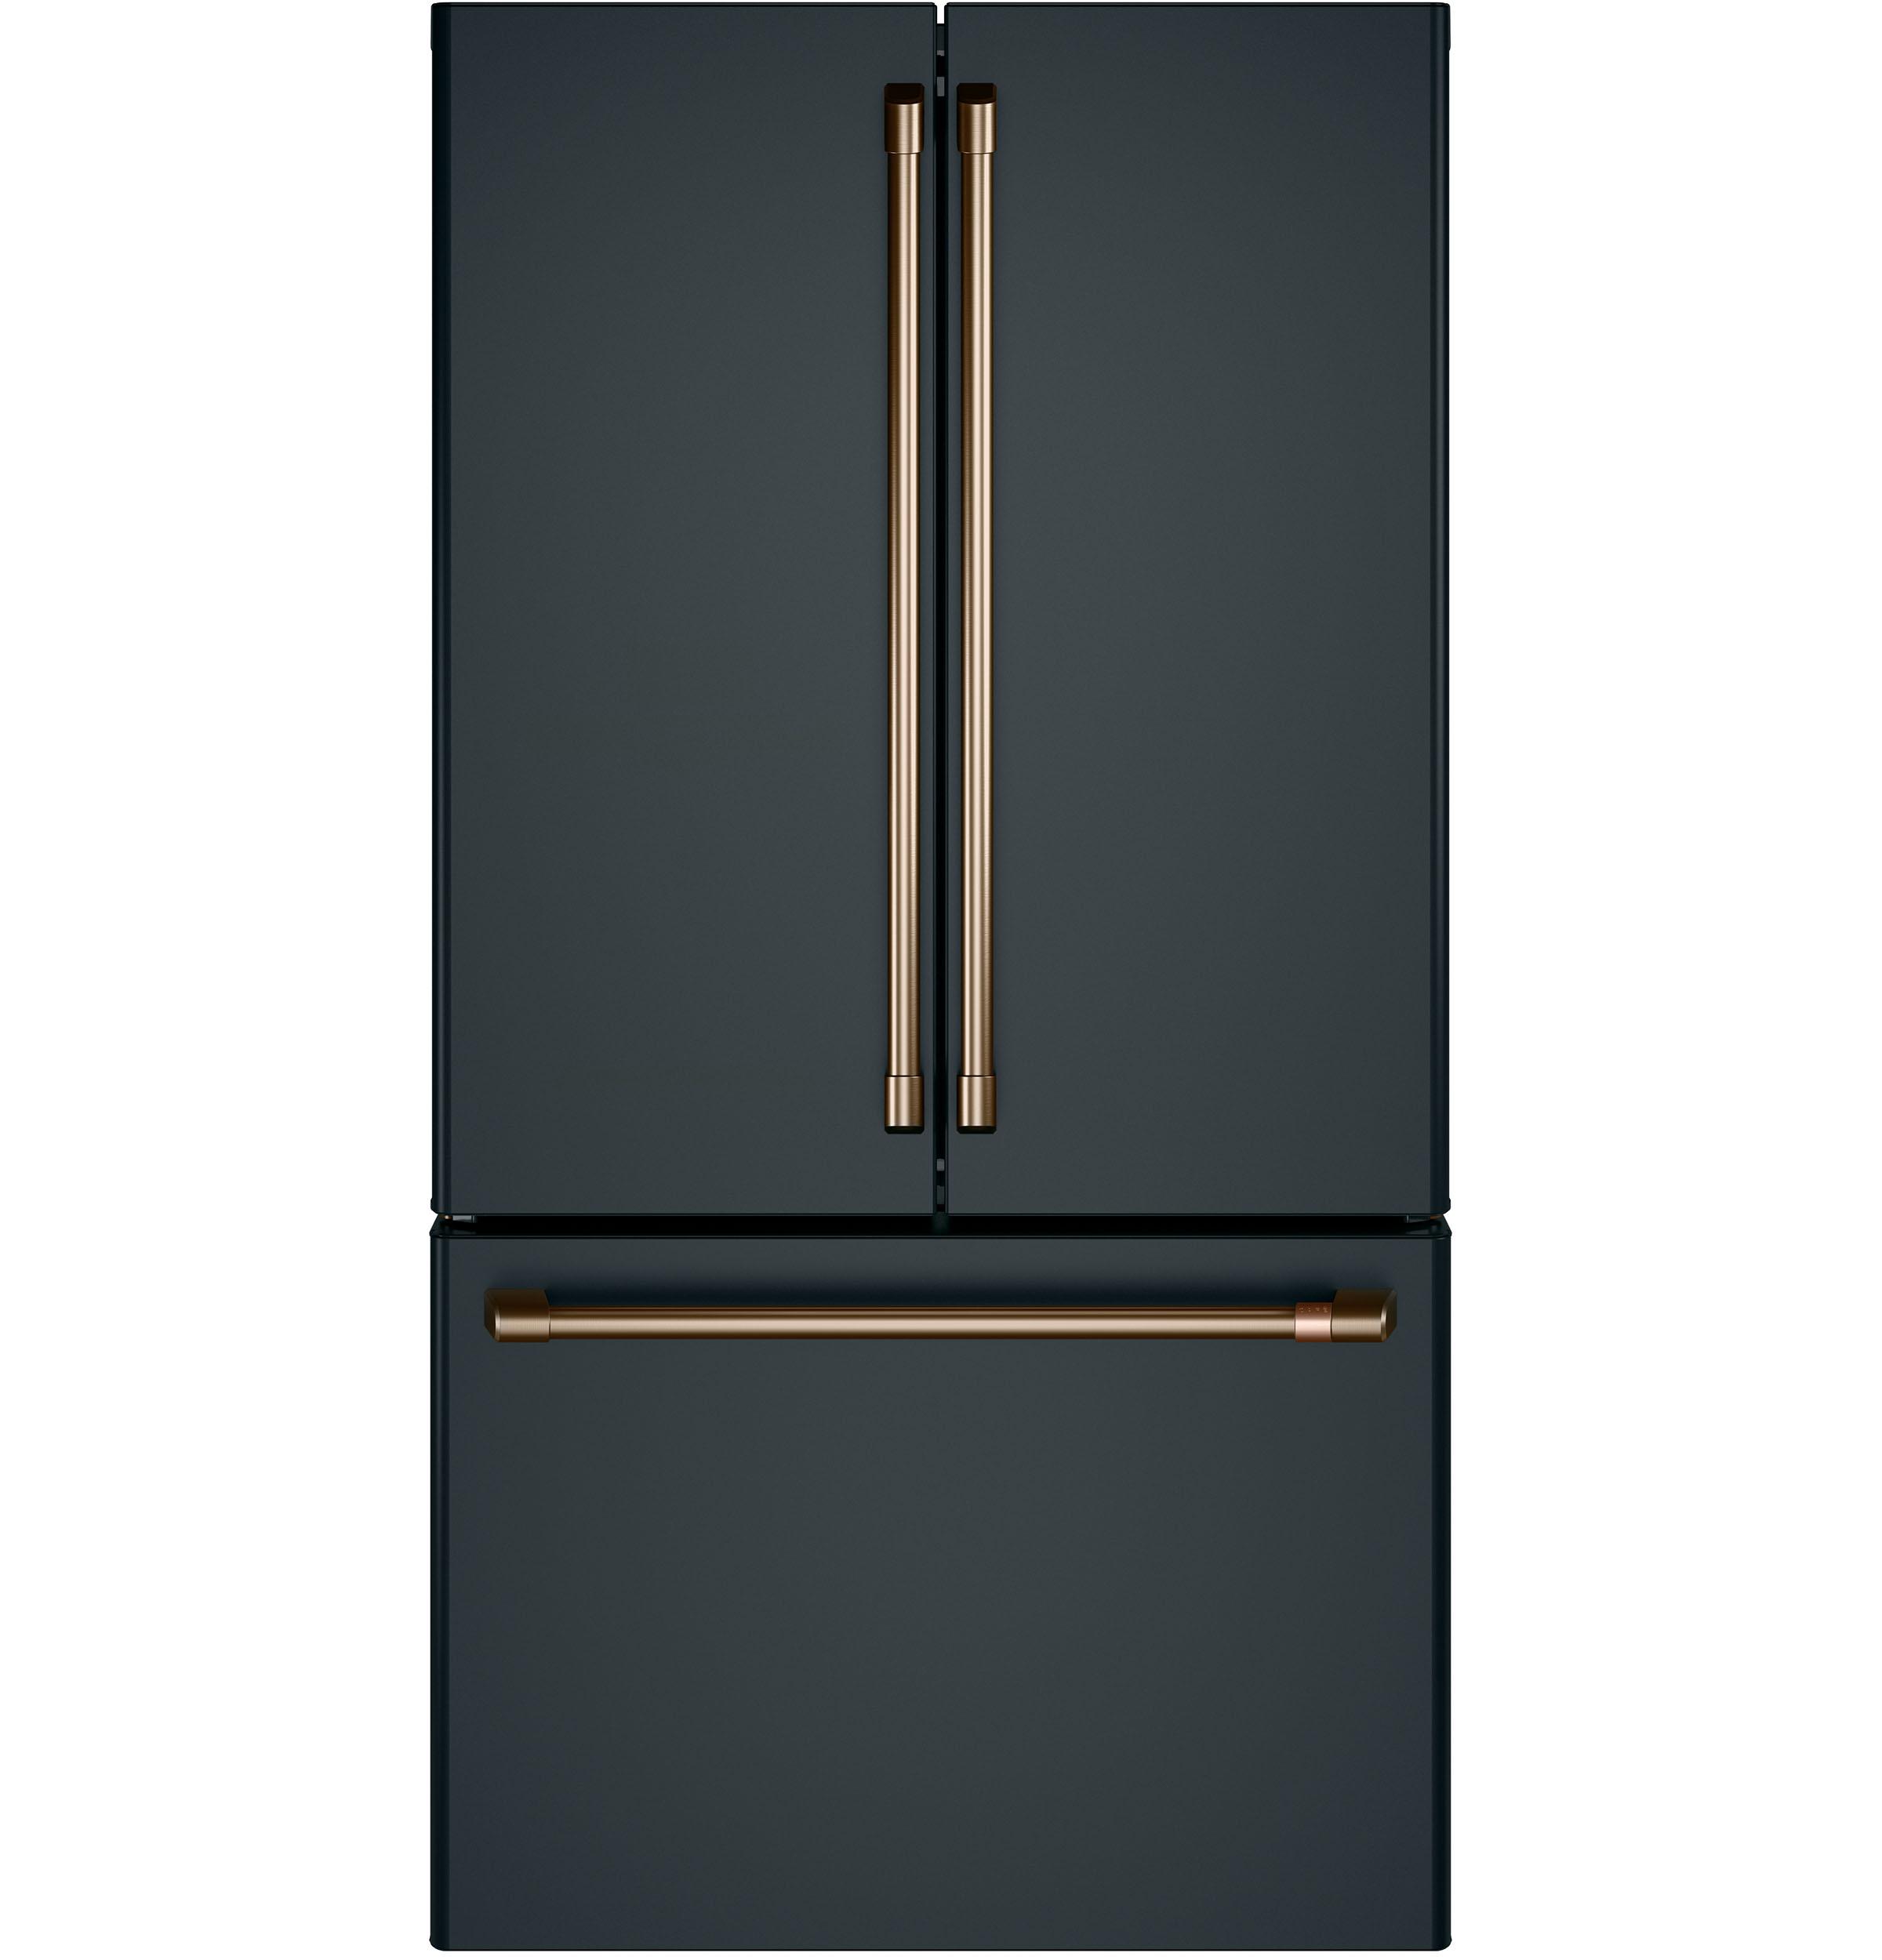 Model: CXLB3H3PMBZ | Cafe Café™ Refrigeration Handle Kit - Brushed Bronze